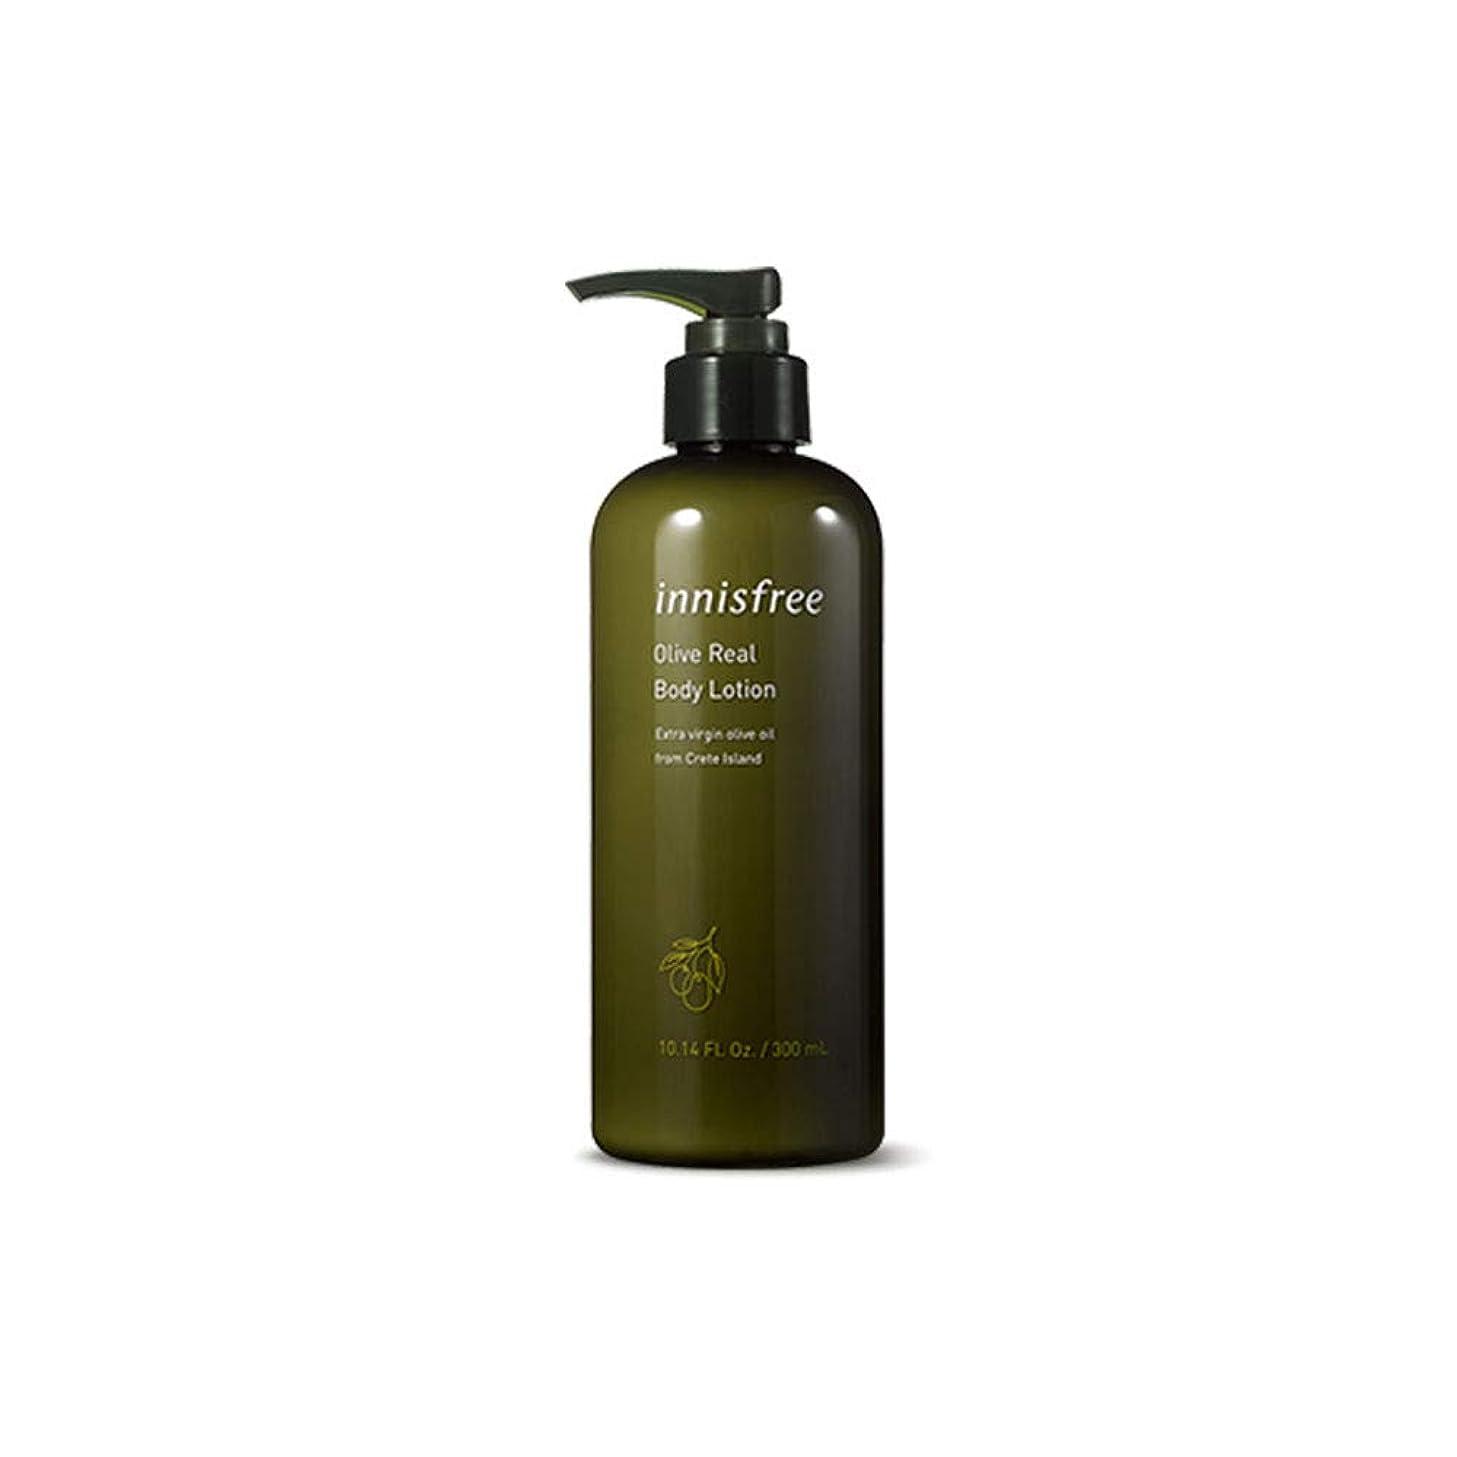 テクトニック悲しみ軸イニスフリー Innisfree オリーブリアル ボディーローション(300ml) Innisfree Olive Real Body Lotion(300ml) [海外直送品]